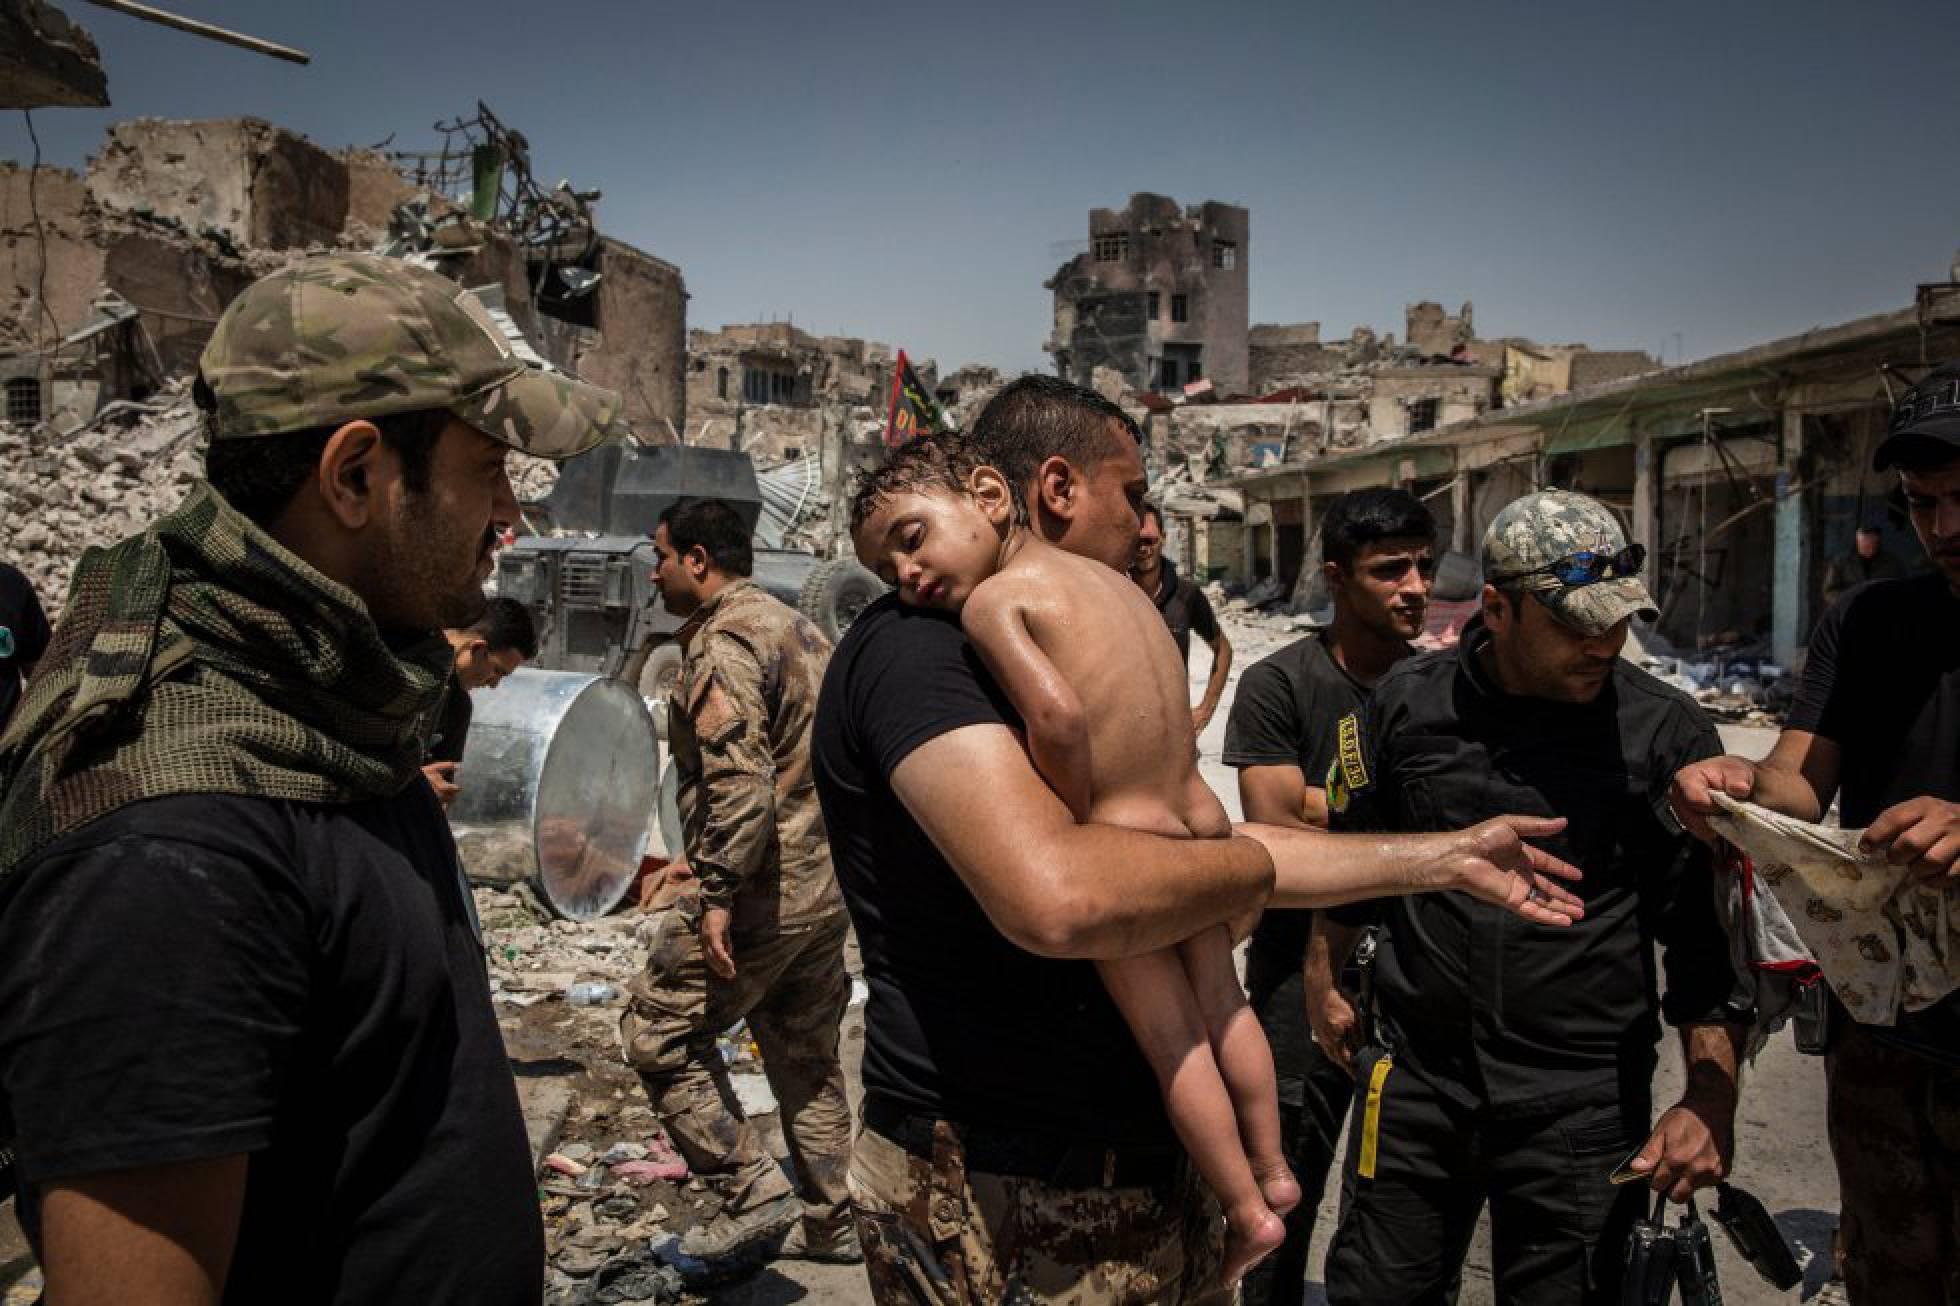 Un niño en brazos es evacuado de la última zona controlada por el Estado Islámico en la Ciudad Vieja de Mosul por un hombre sospechoso de ser militante, vigilado por soldados de las Fuerzas Especiales iraquíes, el 12 de julio de 2017. Fotografía nominada en la categoría 'Photo of the Year' del fotógrafo Ivor Prickett.